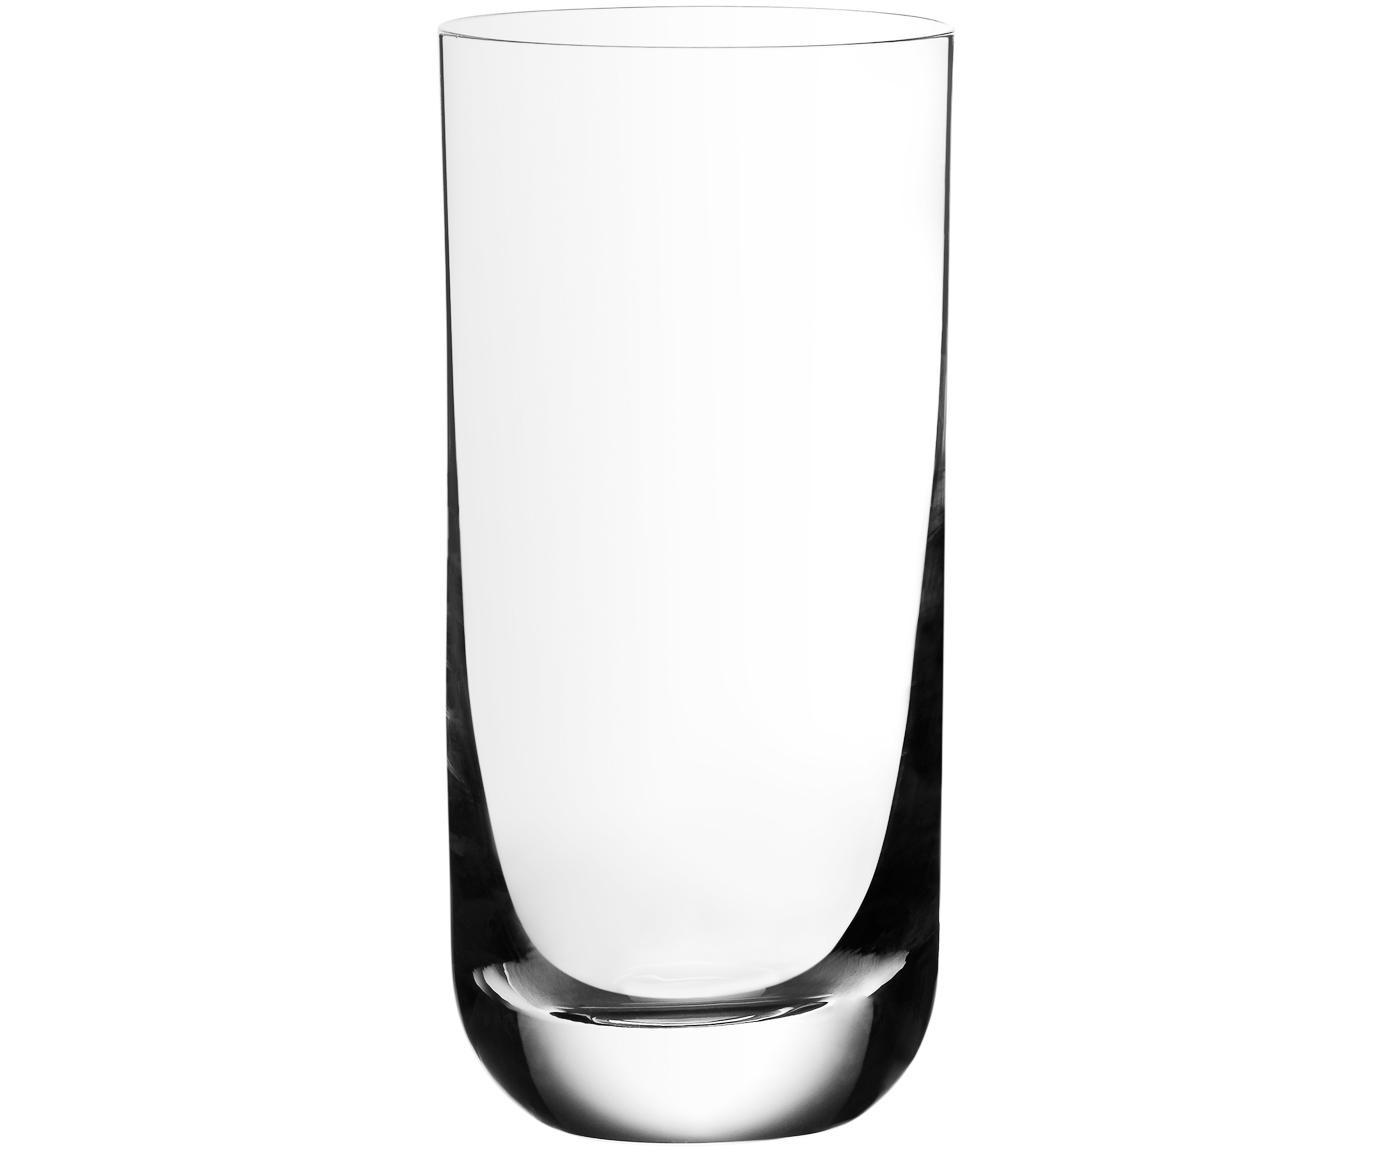 Bicchiere long drink in cristallo Harmony 6 pz, La lucentezza più preziosa - il vetro di cristallo spezza la luce in entrata particolarmente forte, Trasparente, 360 ml